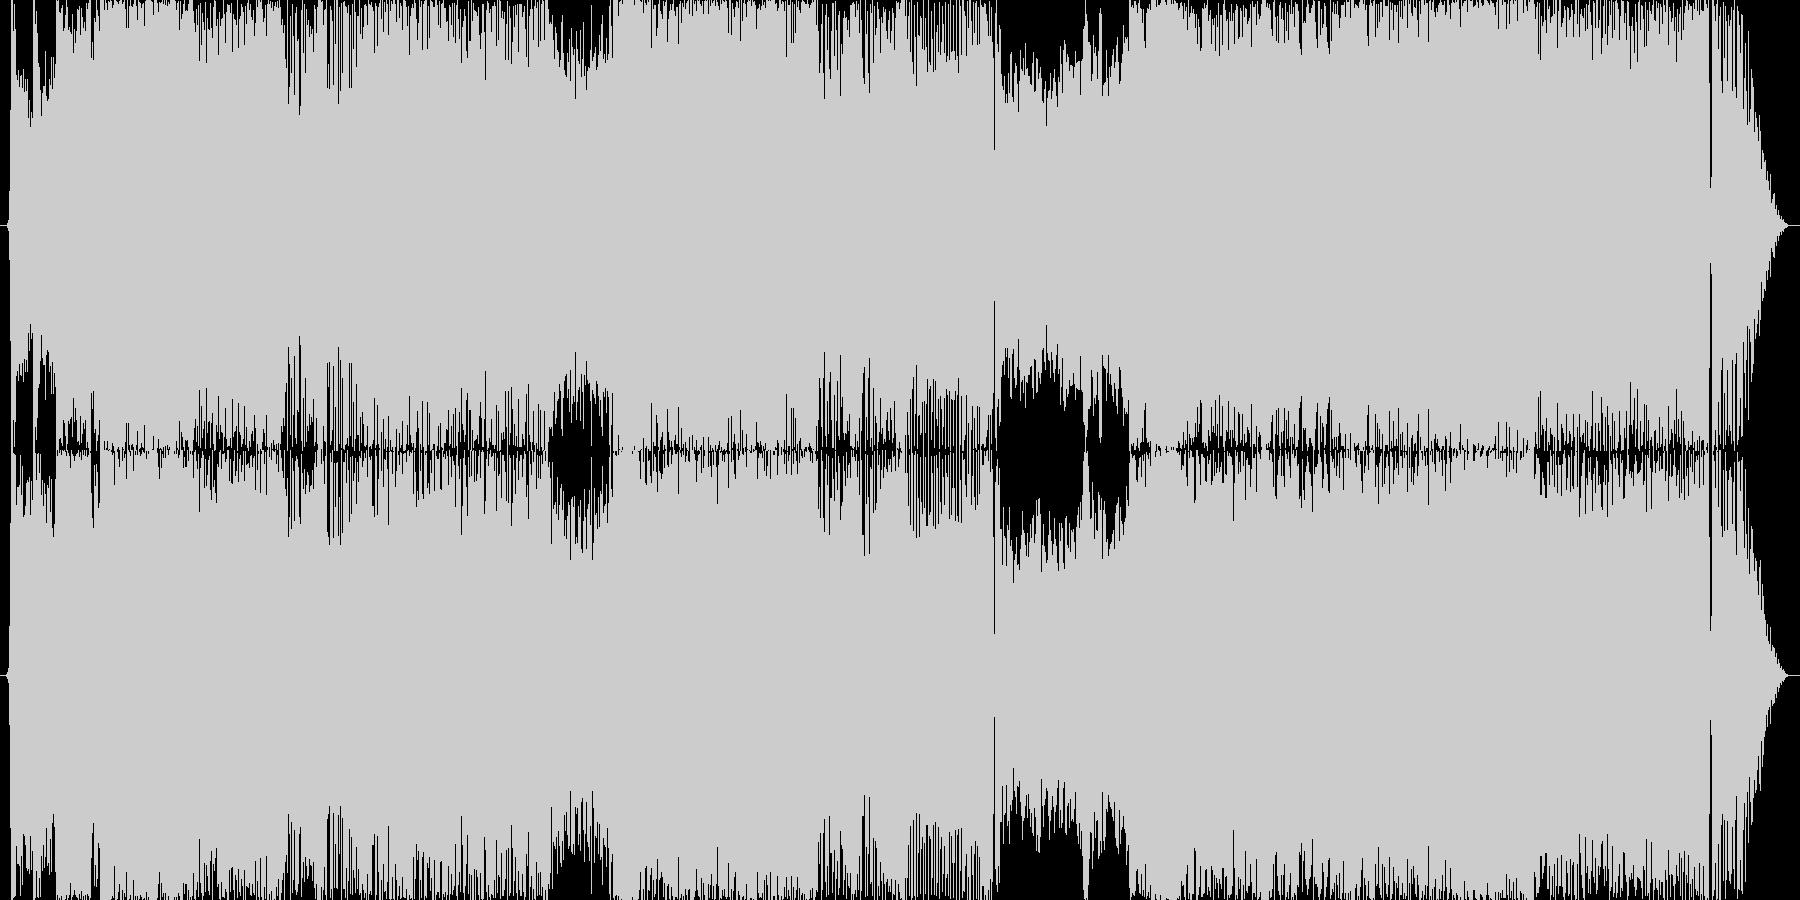 映画音楽などに使える疾走感のある壮大な曲の未再生の波形